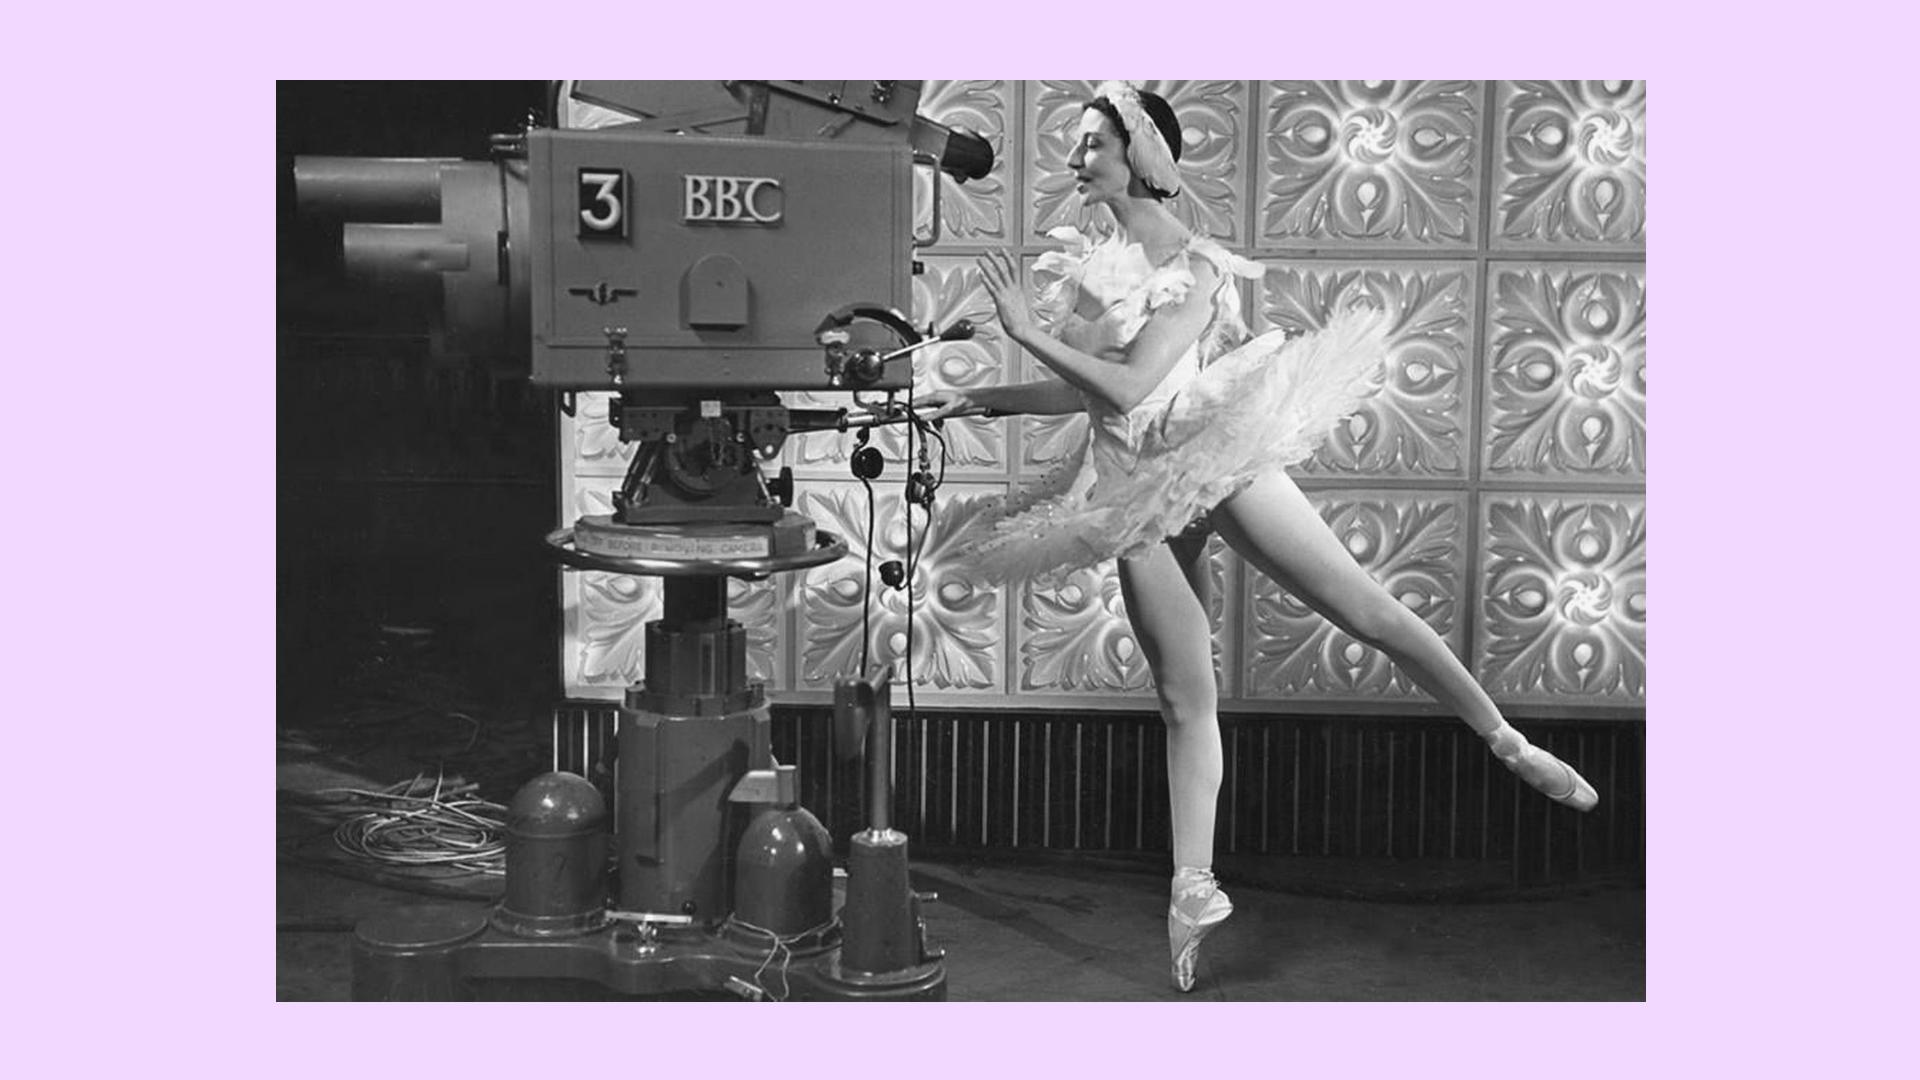 До эры Youtube: редкие балетные видео начала 20 века (1917-1933)